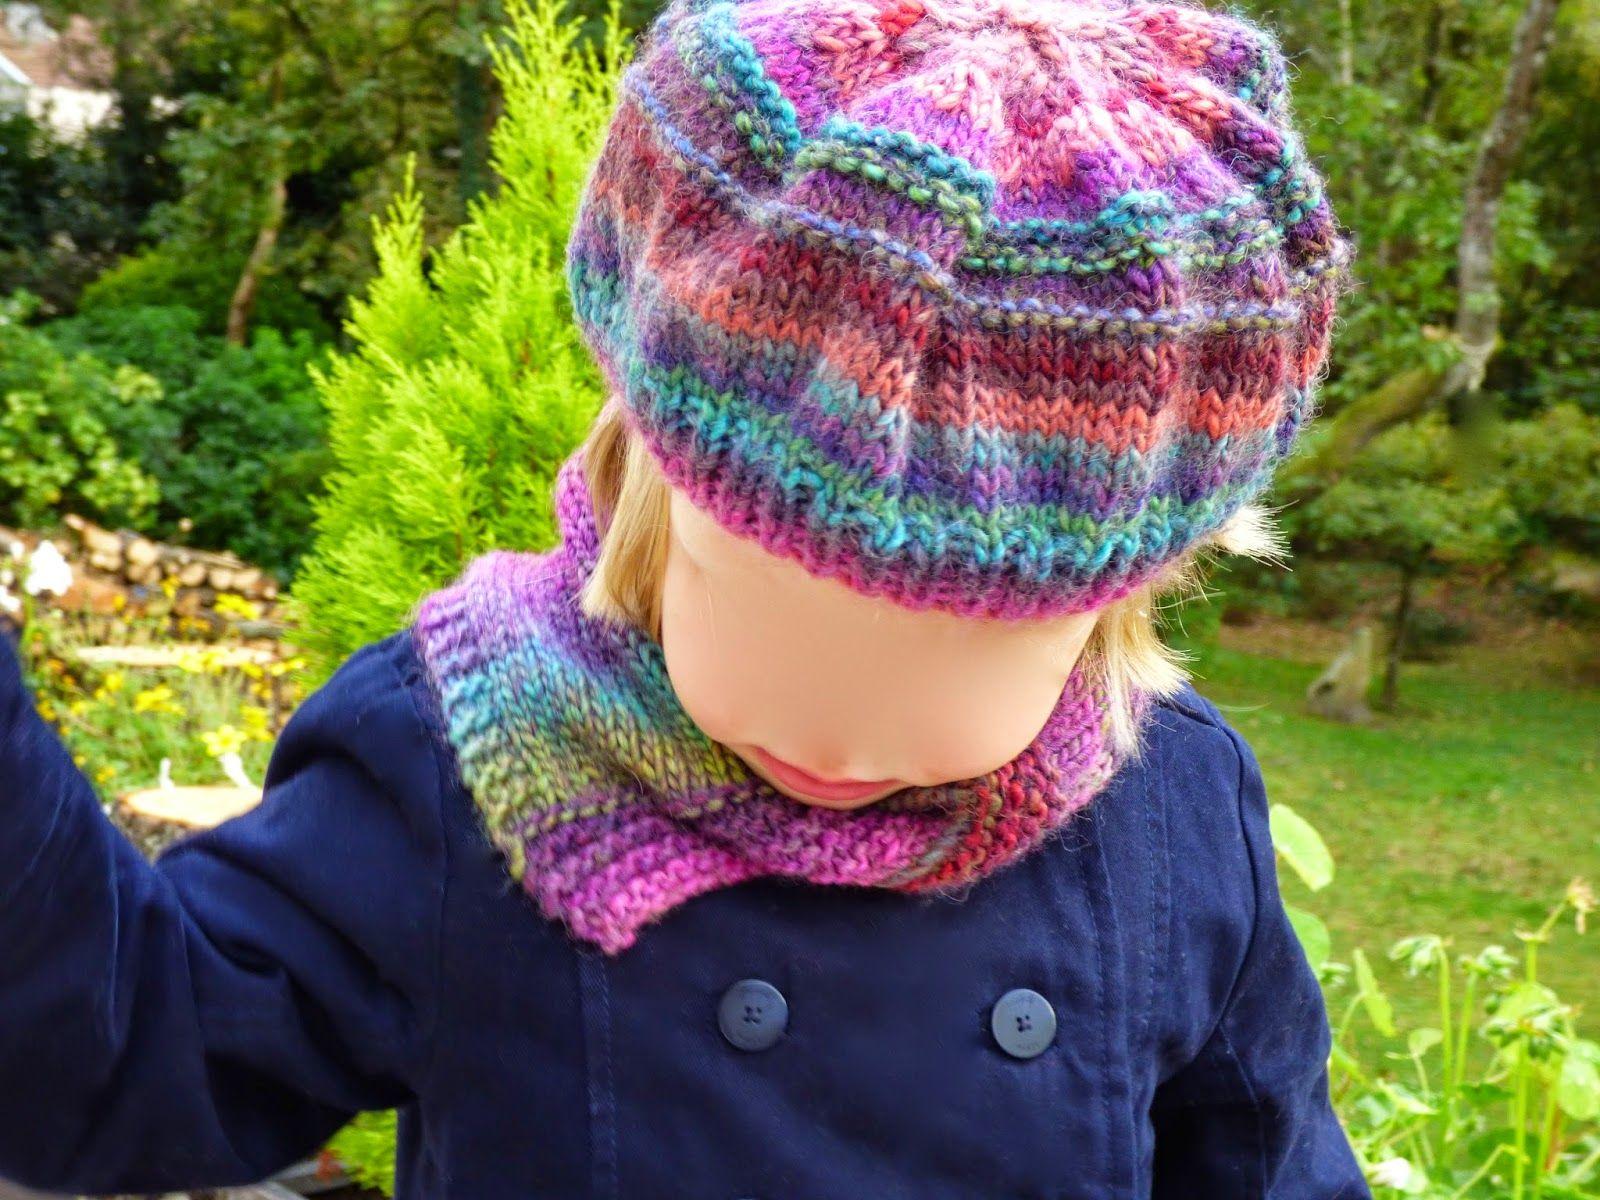 ca0508a38730 béret et col tricot - tuto gratuit en français, débutant, facile, enfant,  fille knit hat, knit snood, easy free tutorial, girl great